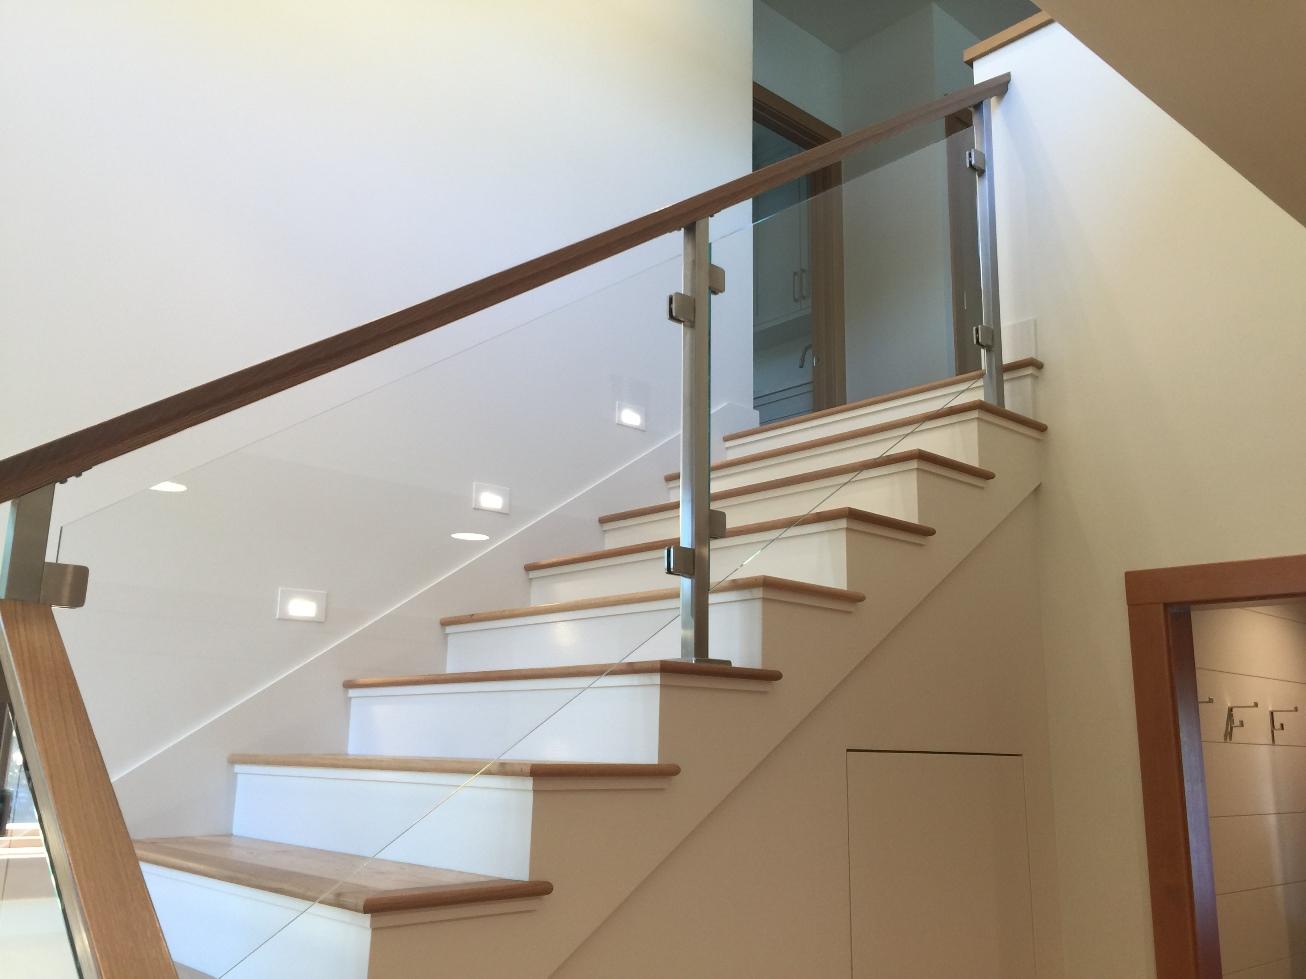 Beautiful Glass Railing With Riffsawn White Oak Handrail